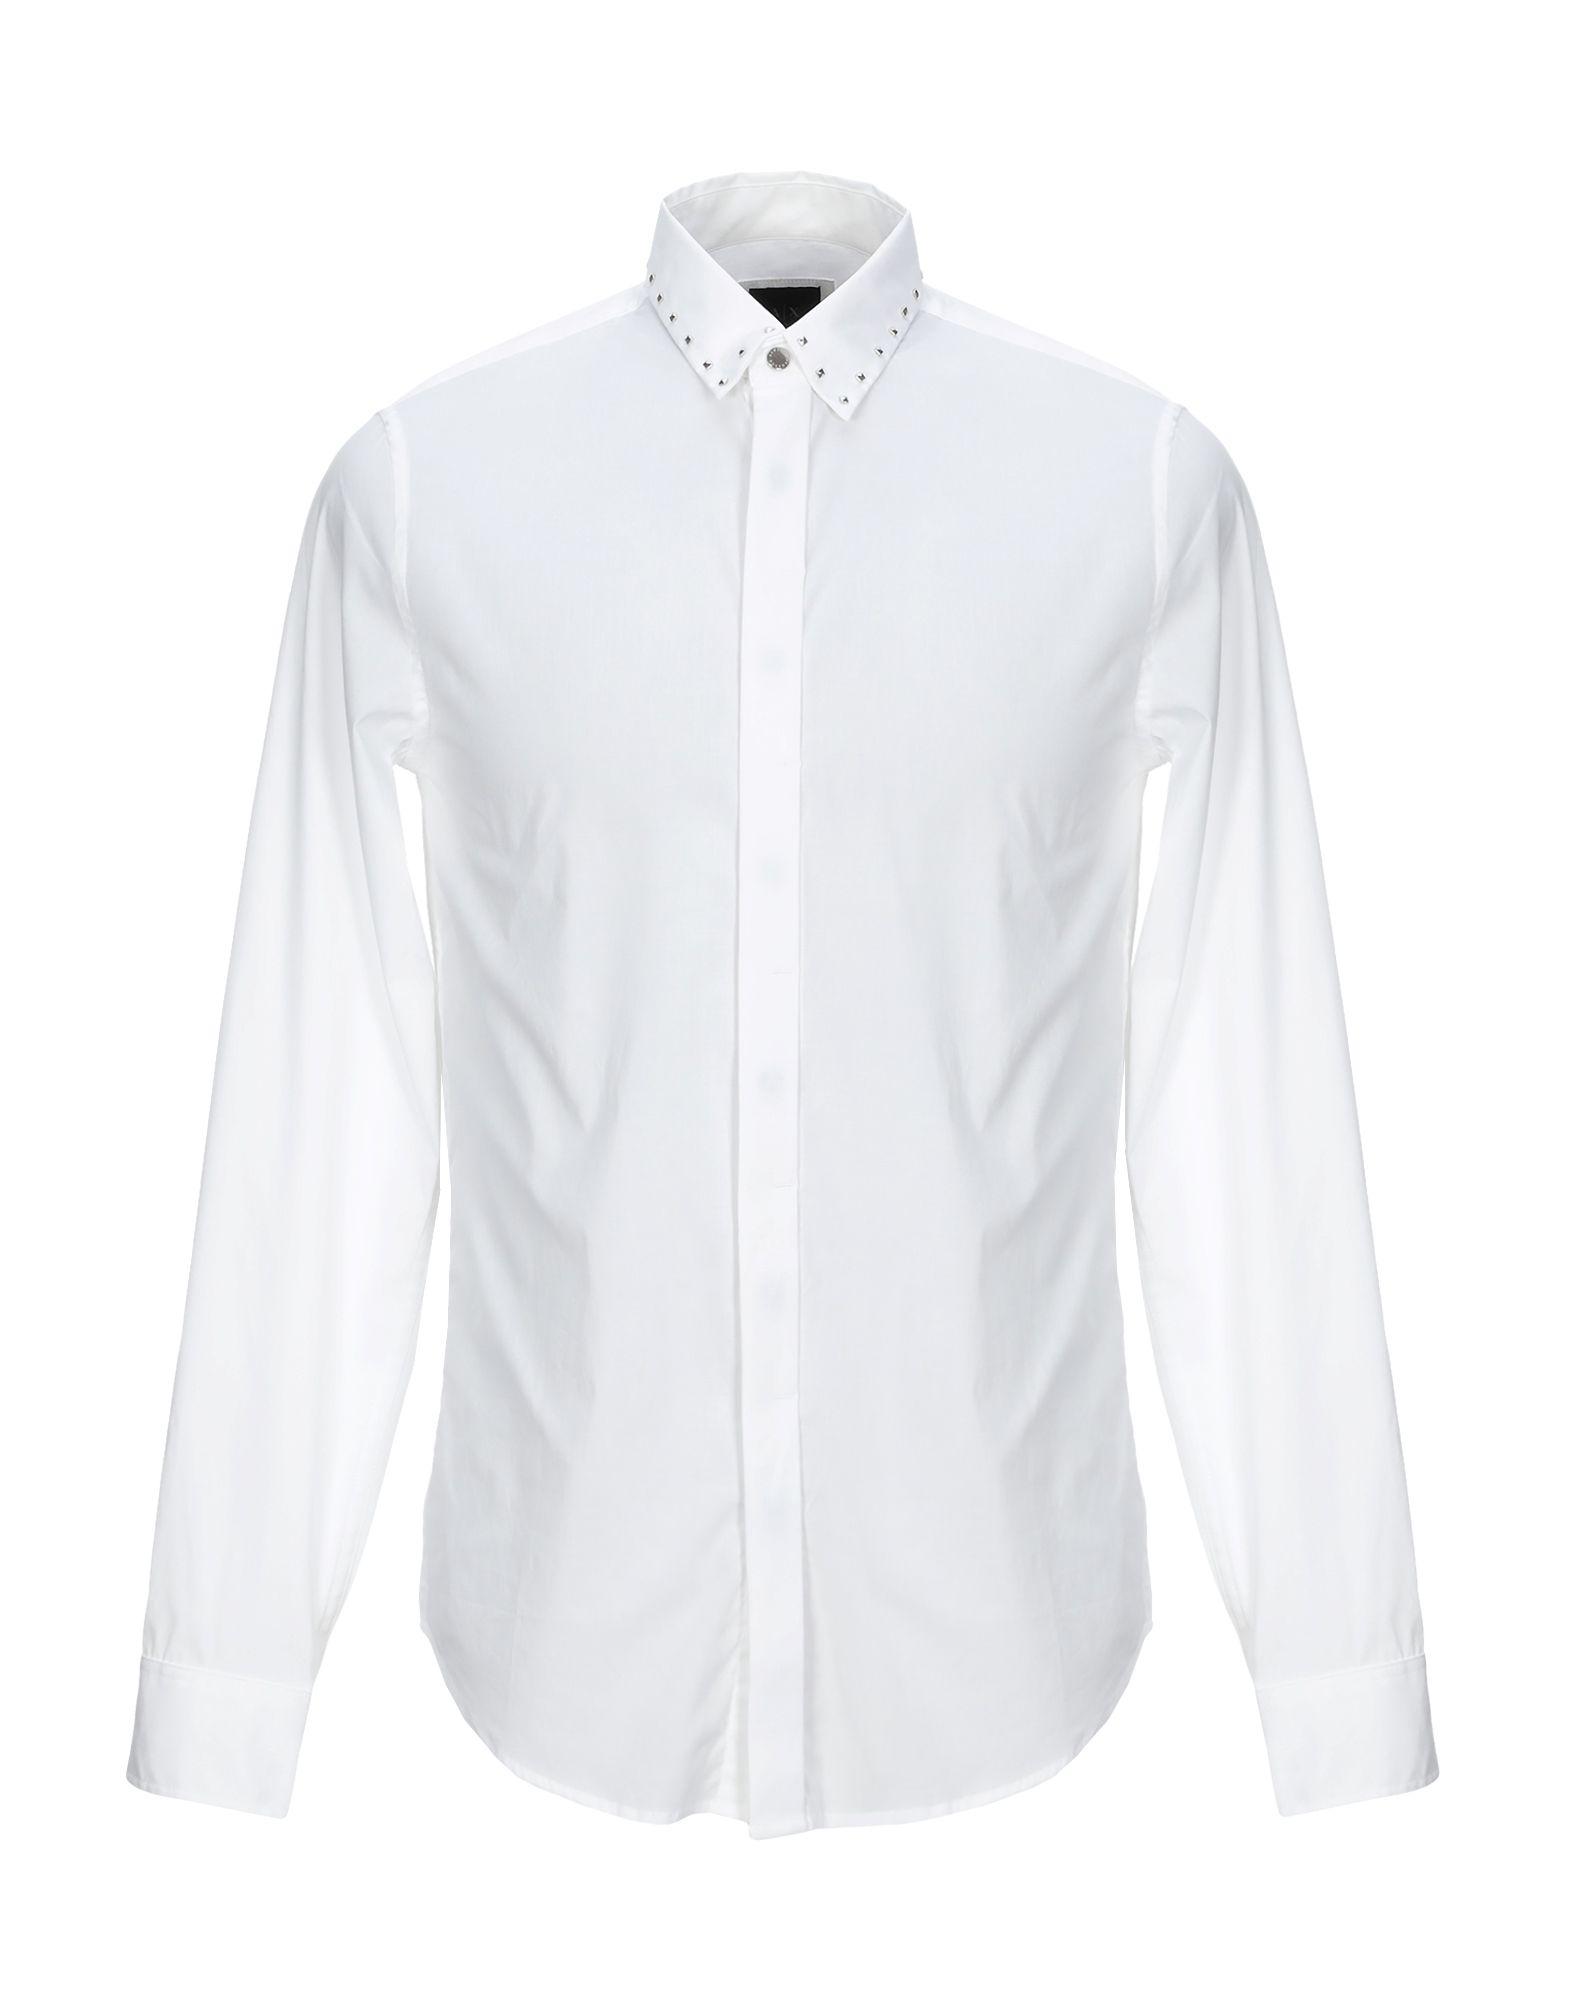 size 40 60fac 4bcdc アルマーニ エクスチェンジ or ARMANI EXCHANGE) メンズシャツ ...